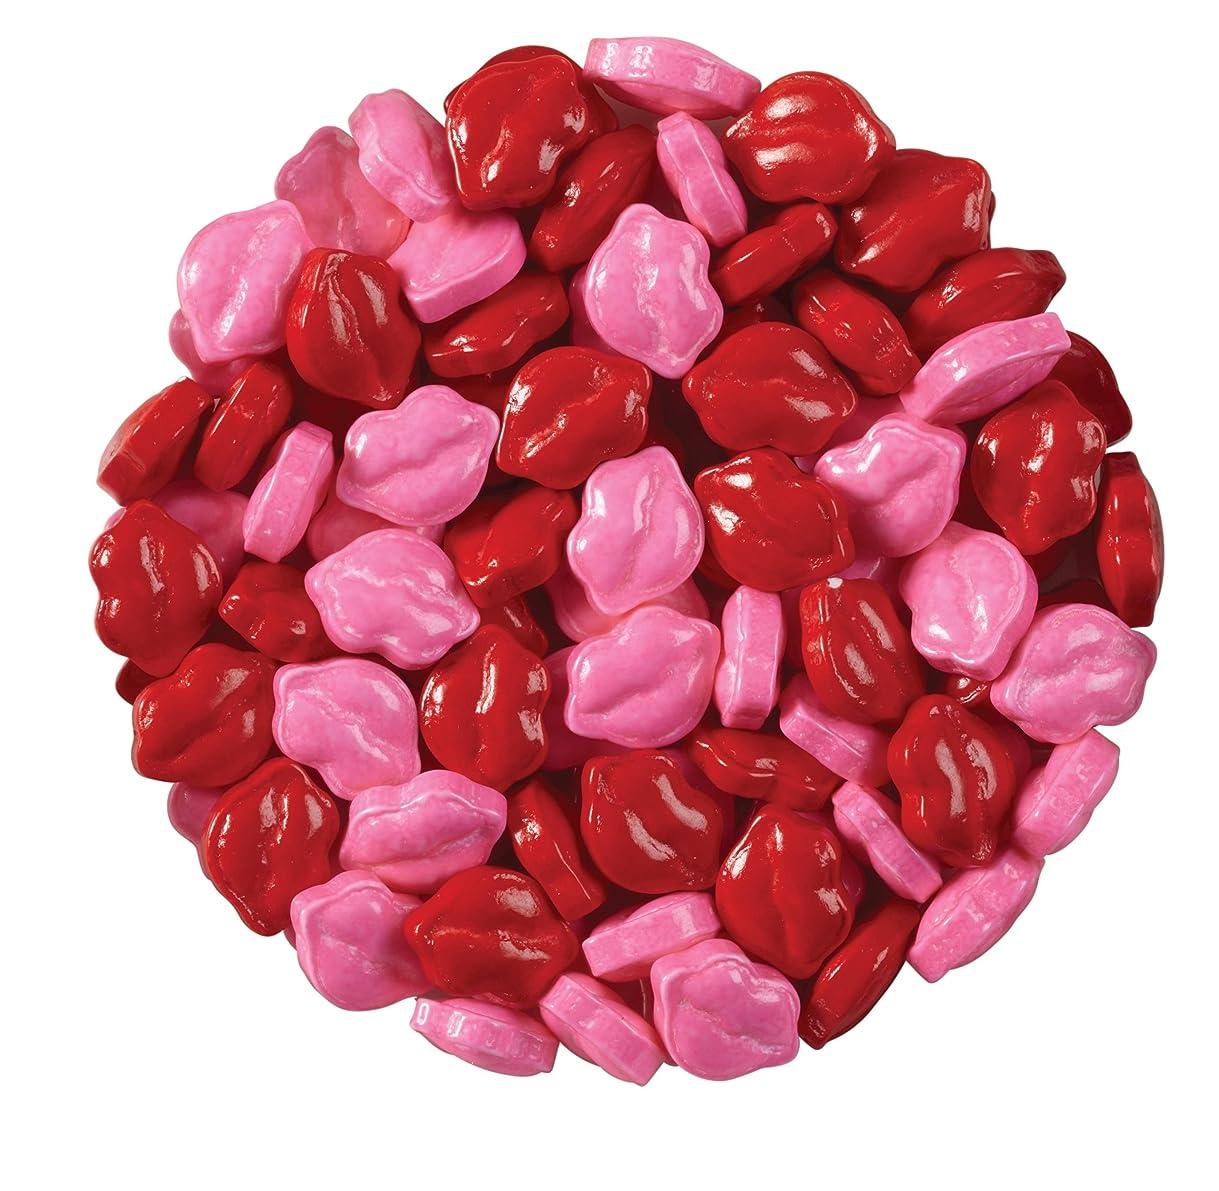 致死冒険者酸化するSprinkles .88oz-Candy Lips (並行輸入品)